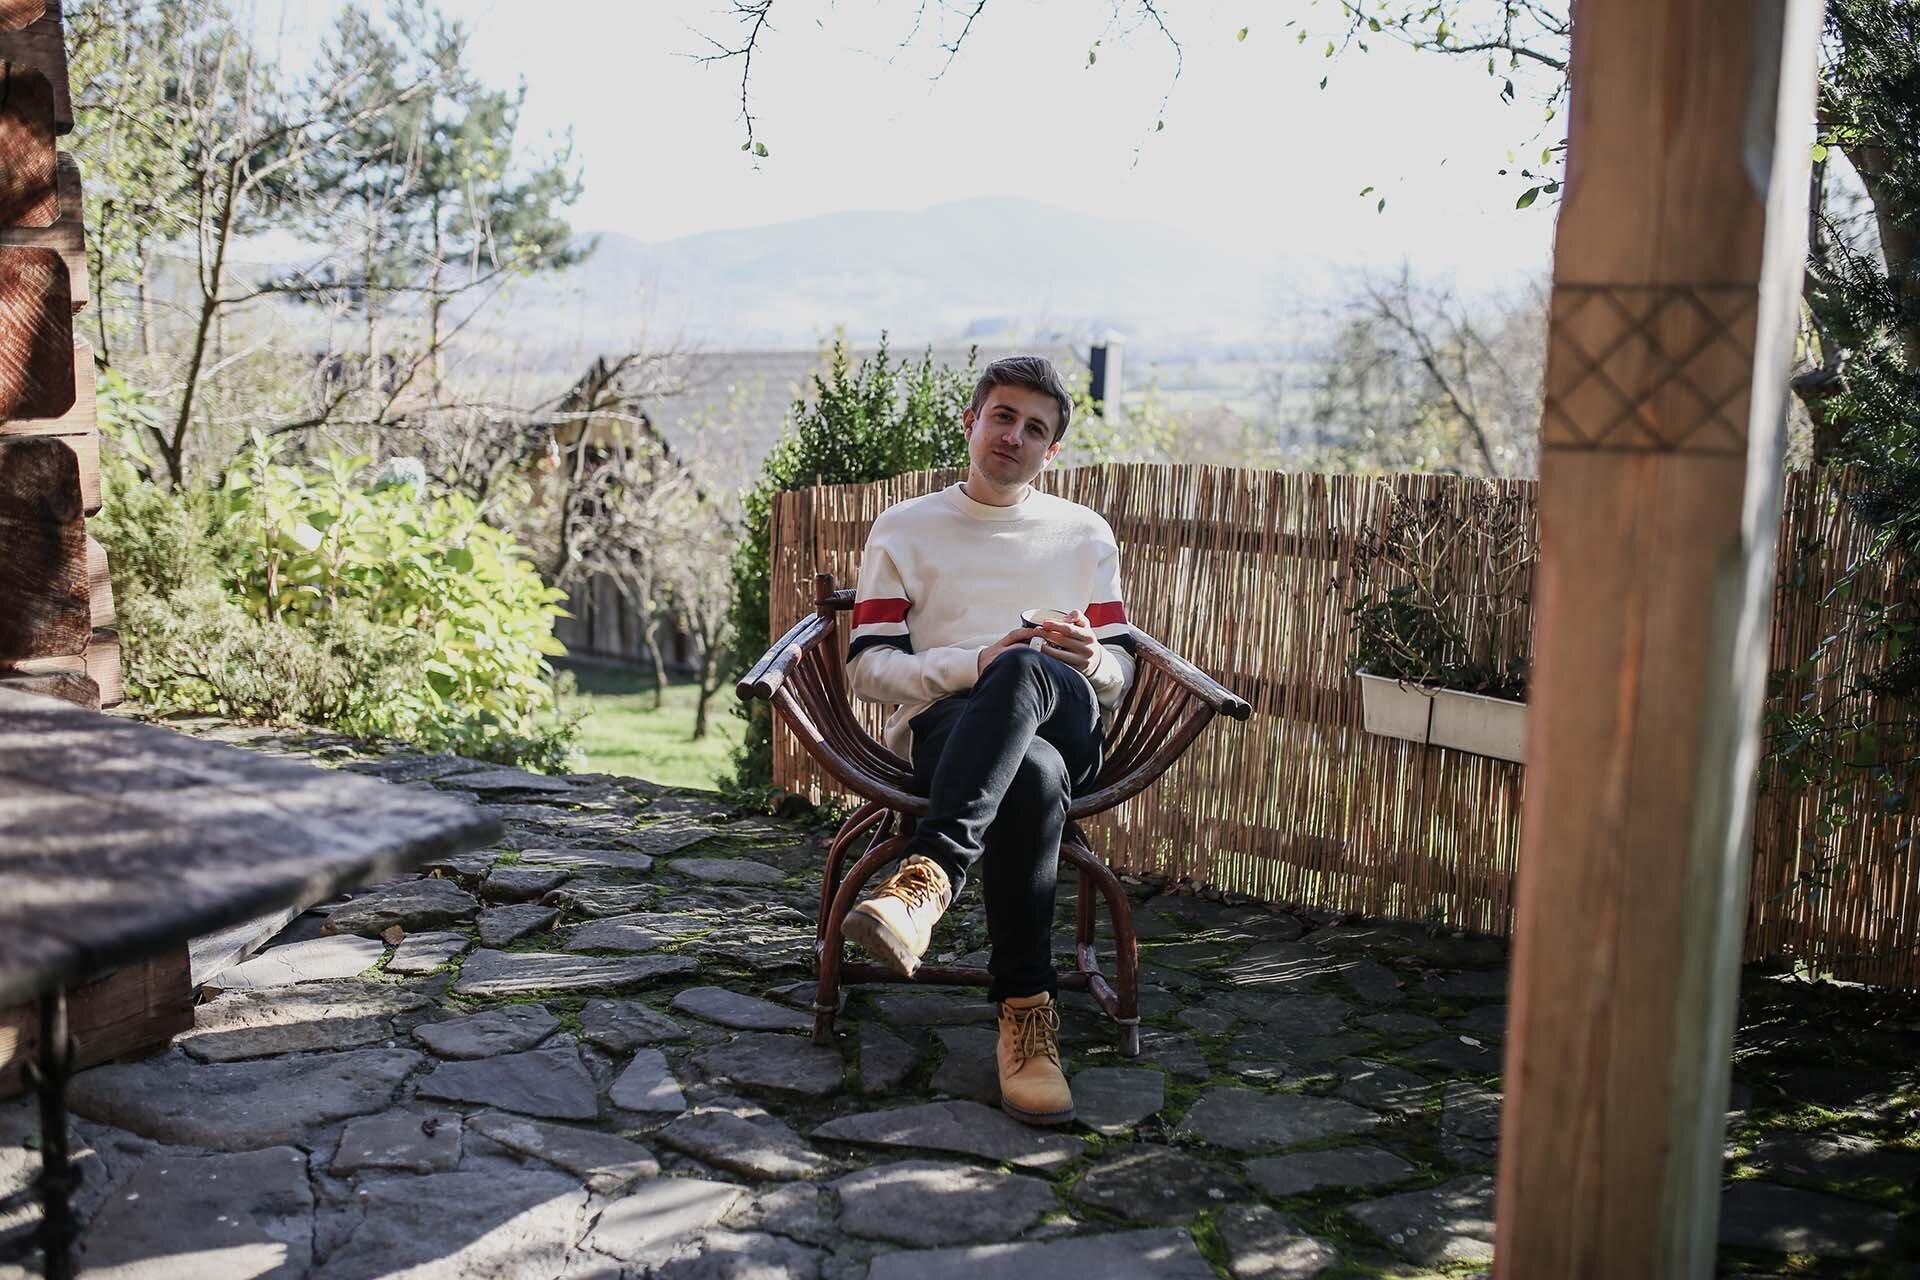 Leśniakówka, Samotnia, Ekologiczne Gospodarstwo Agroturystyczne, Krakowski Lifestyle, Gdzie spędzić czas poza Krakowem?, GMALE by Grzegorz Paliś